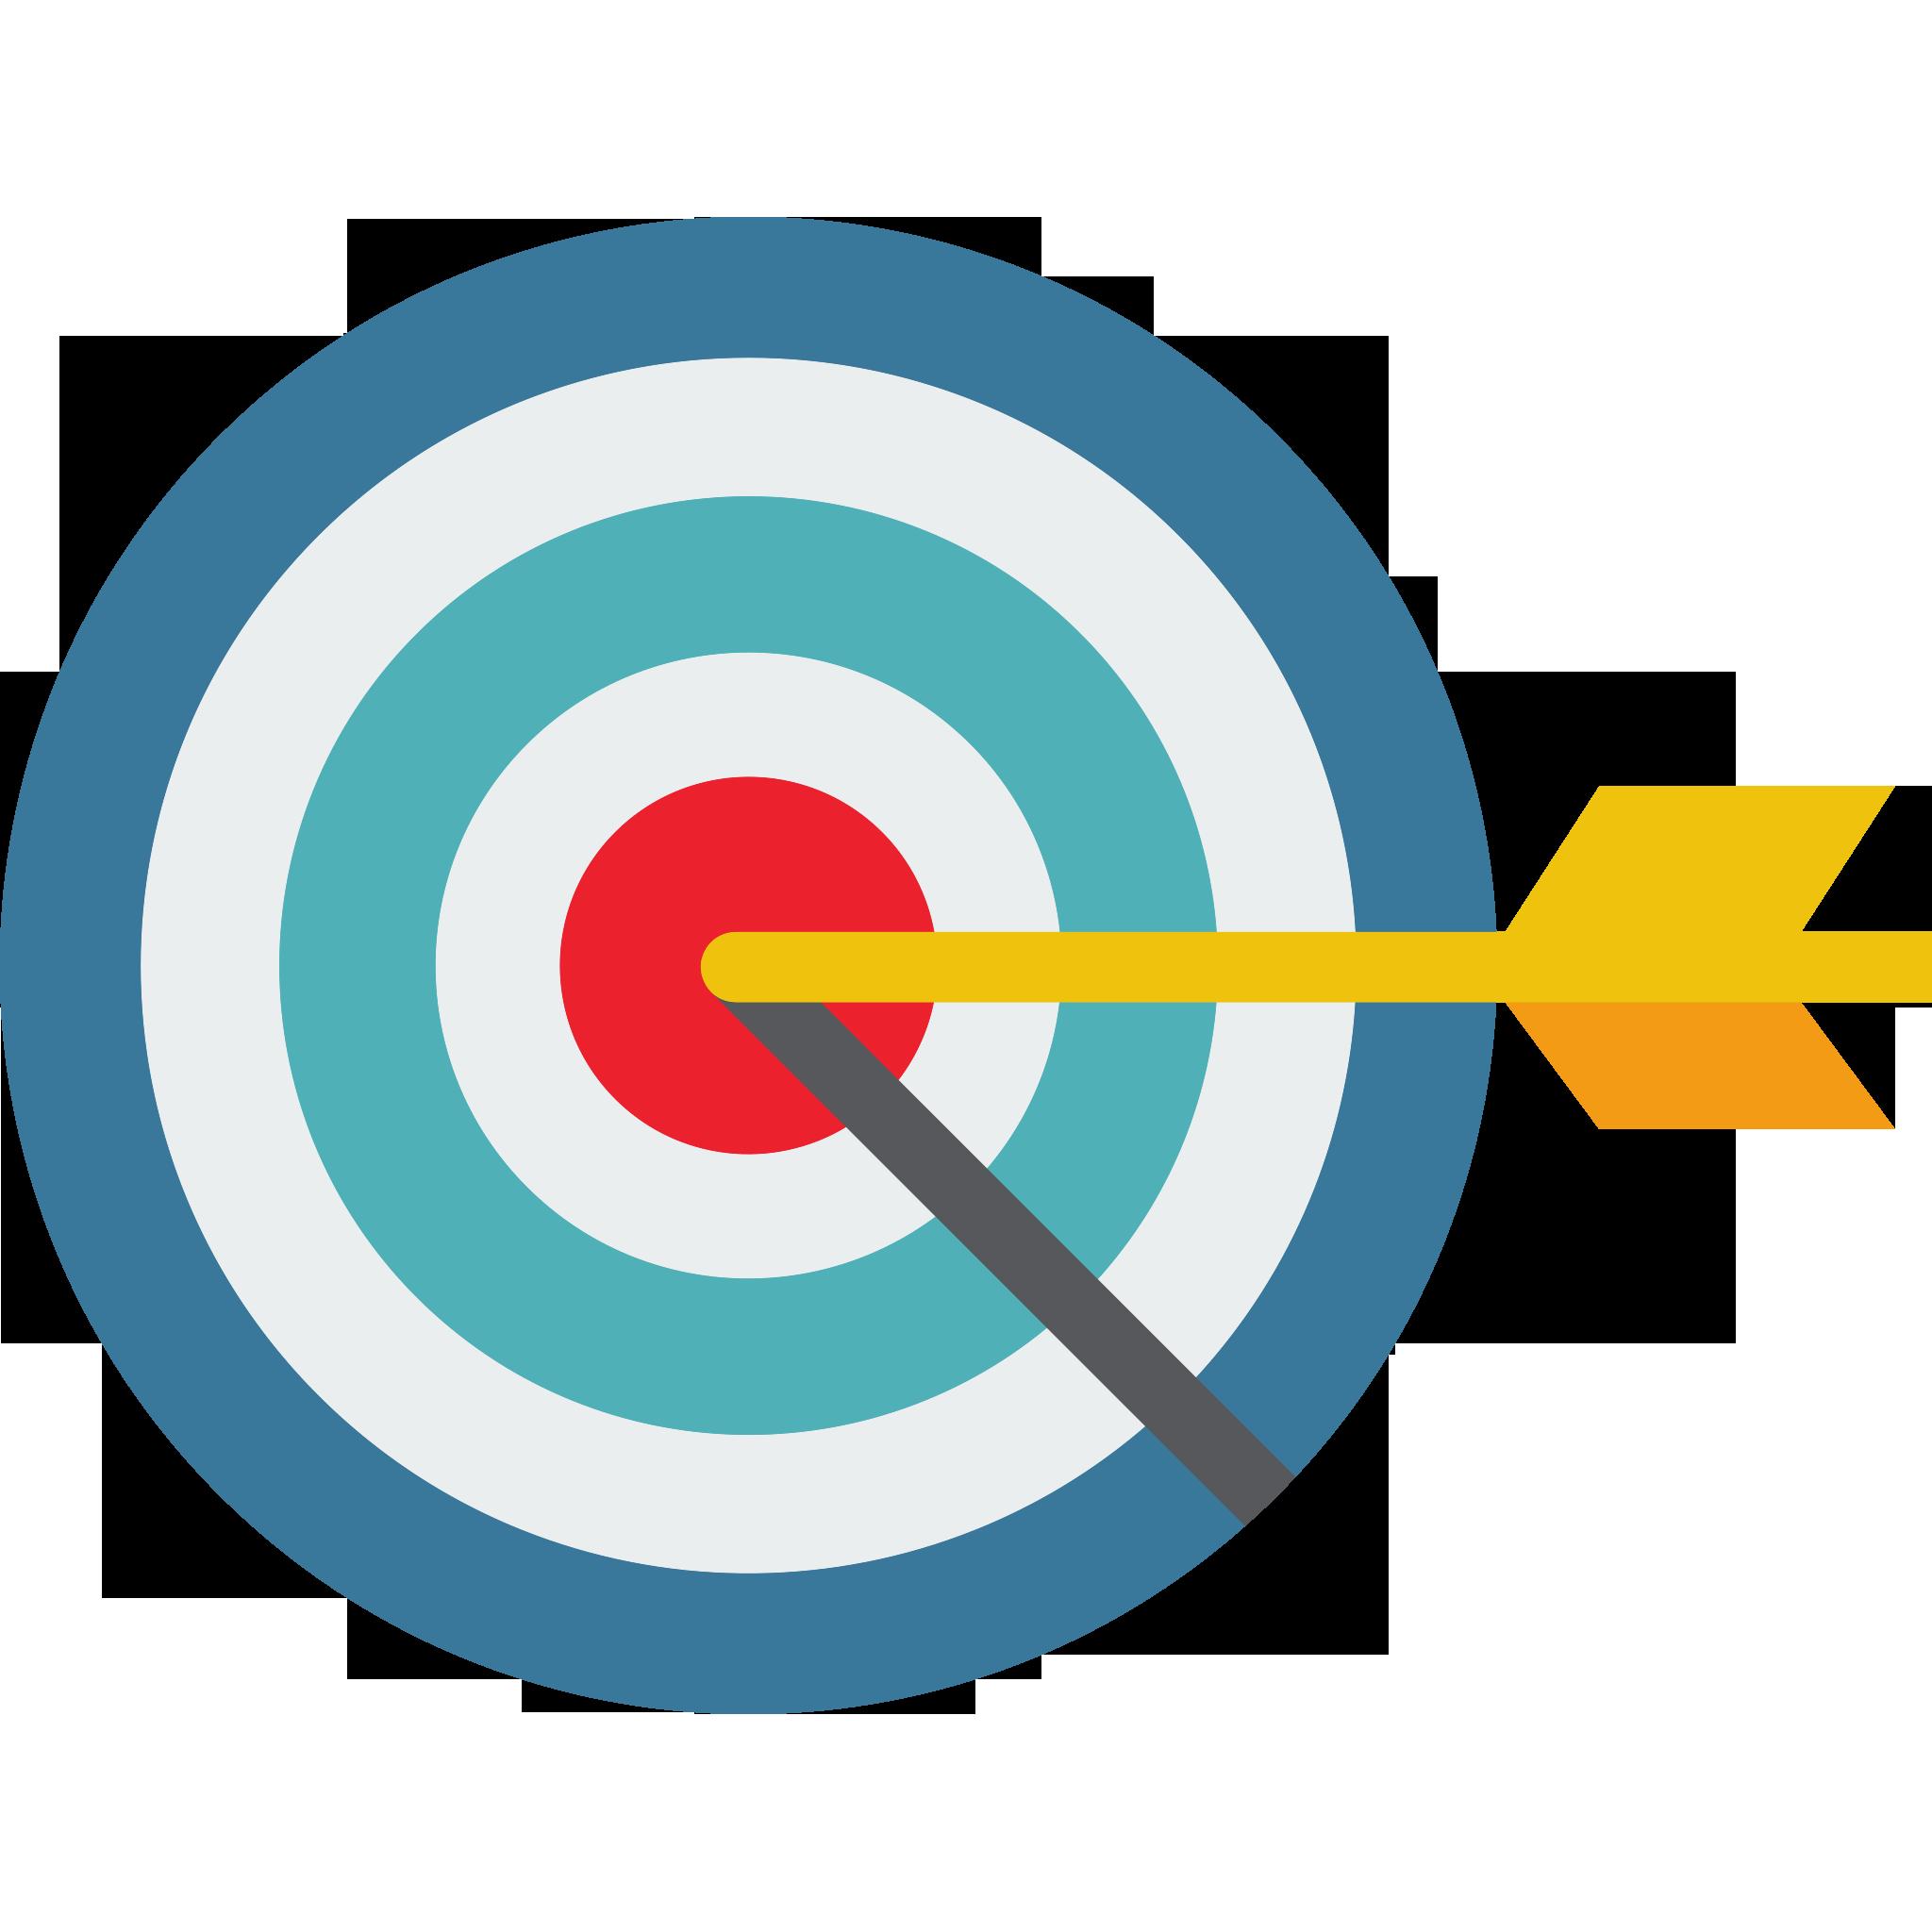 2048x2048 15 Smart Vector Goal Setting For Free Download On Mbtskoudsalg